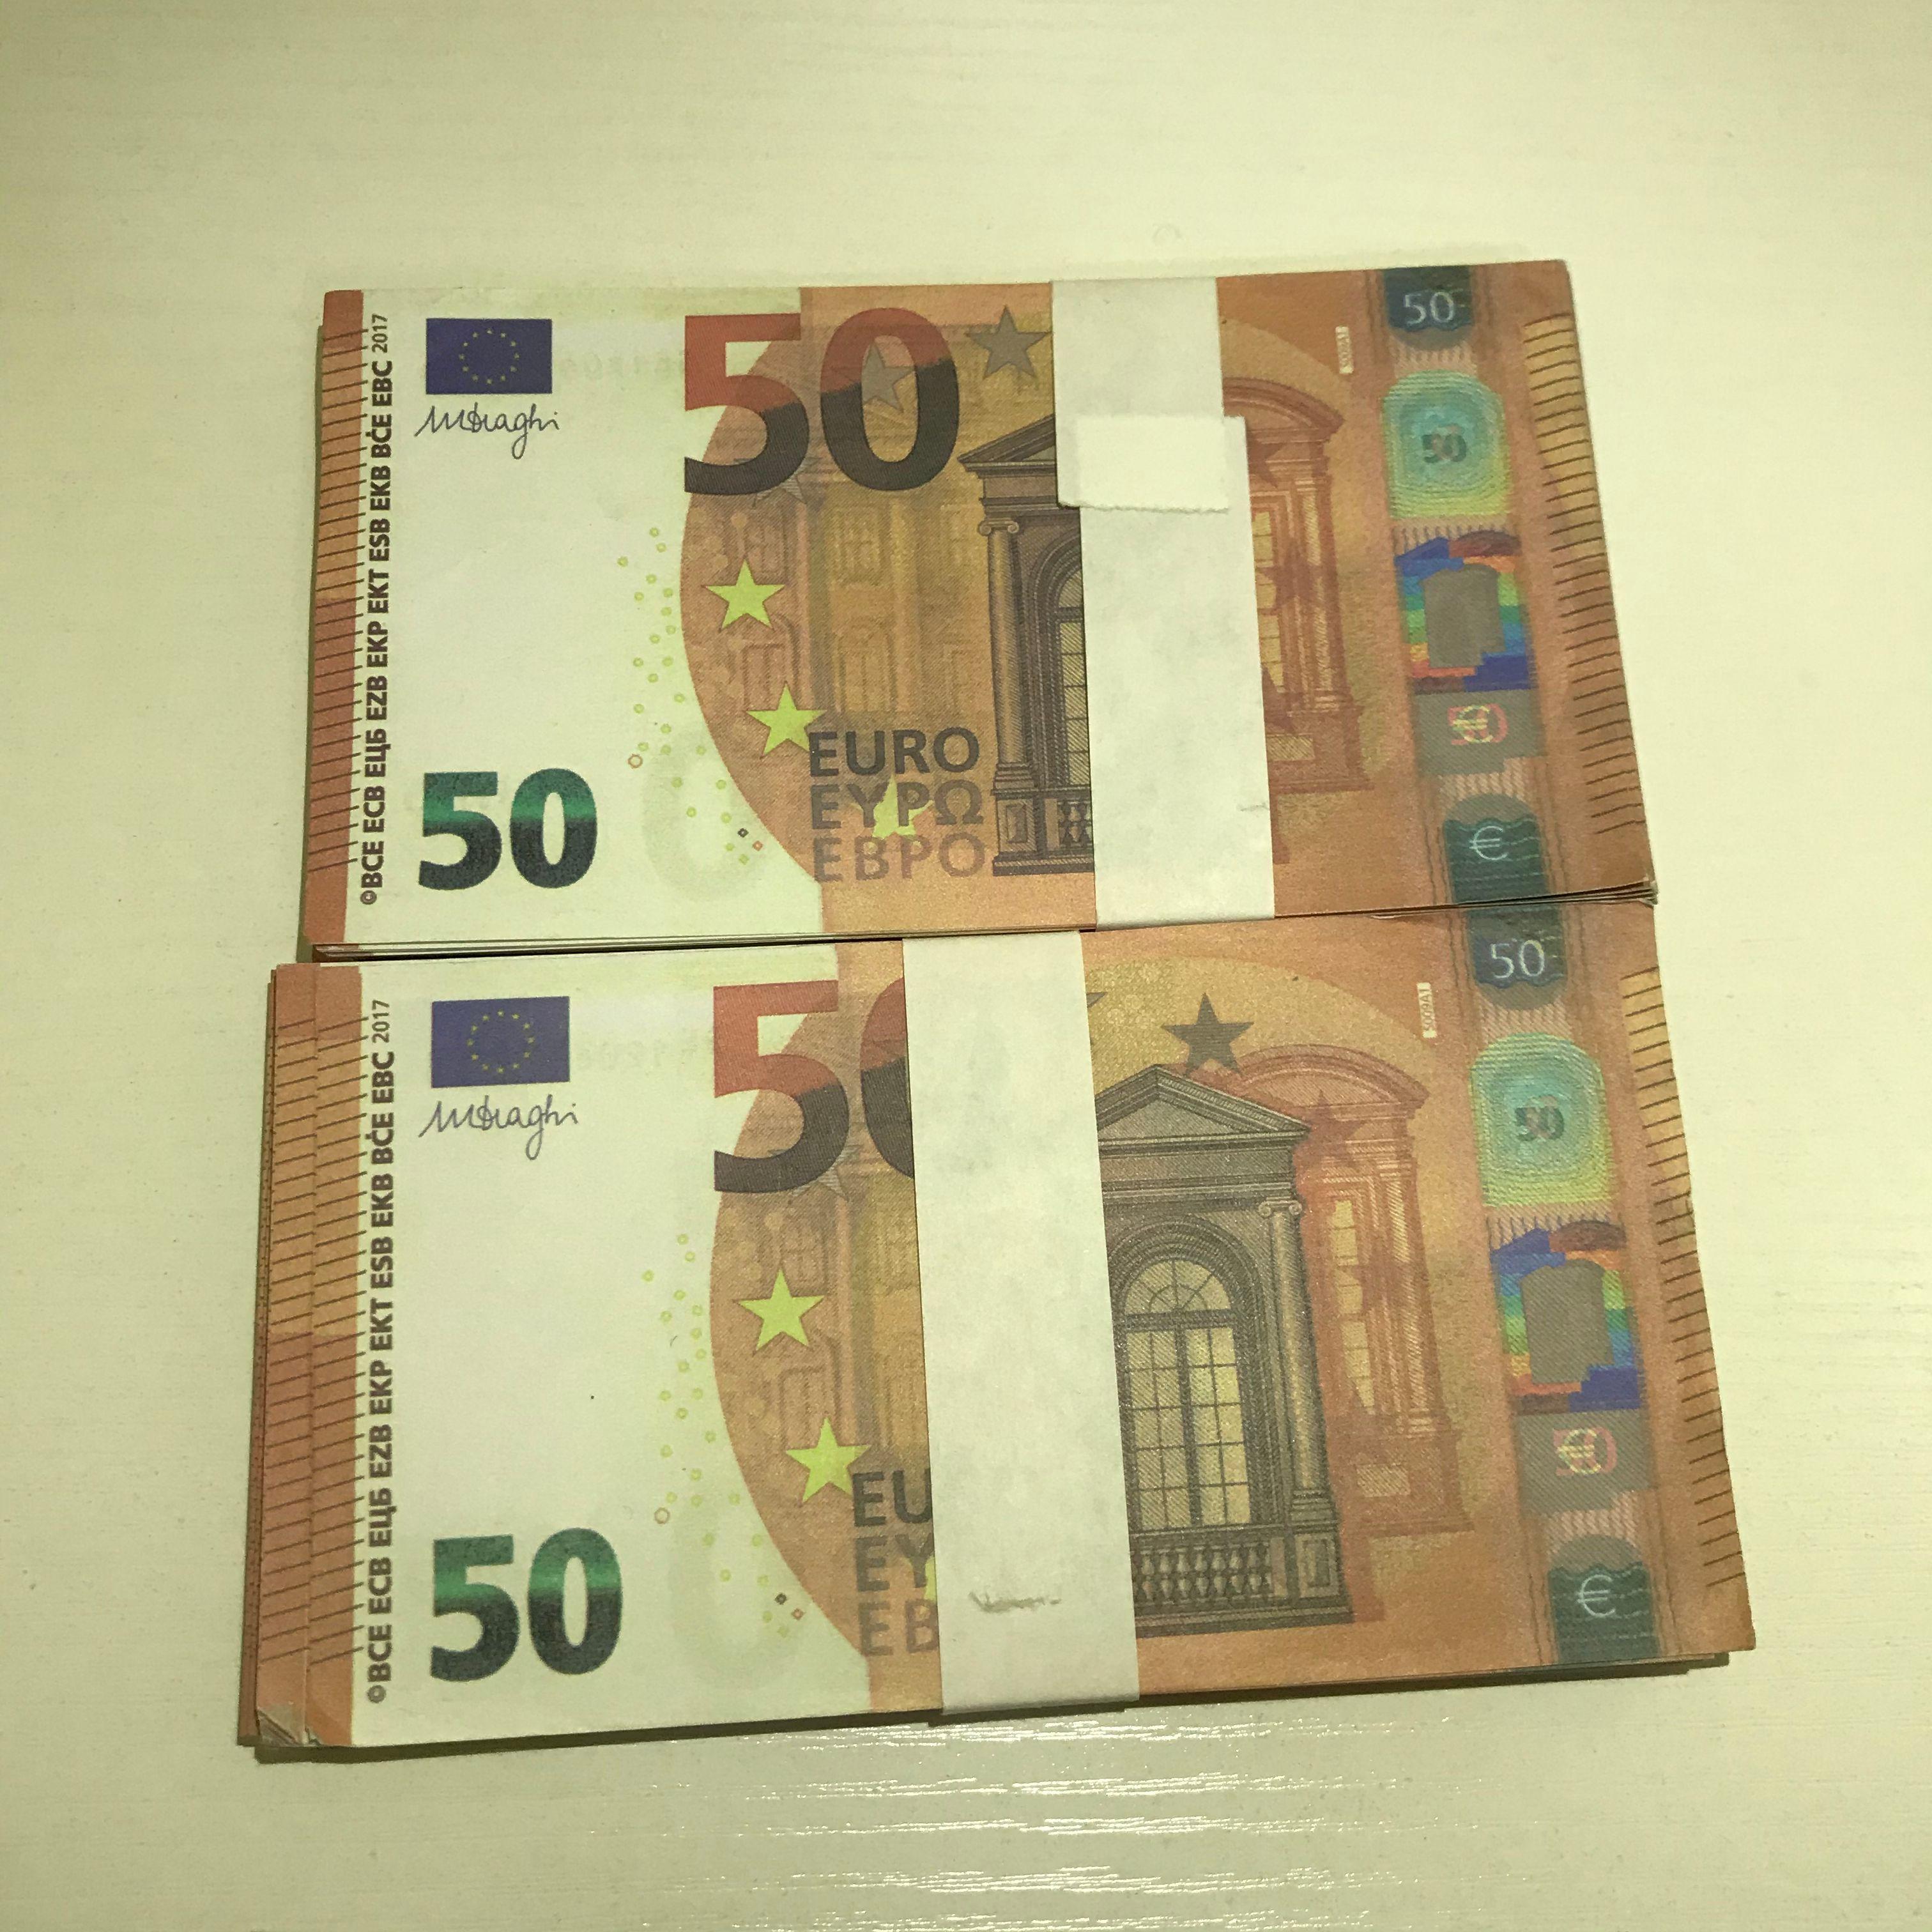 Atmosphäre Kopie MV Euro 50 Prop Banknote Spielzeug Le50-39 Party Gefälschungsbügel Bühne Hot Fälschung Schießprop DXTF XFTHT